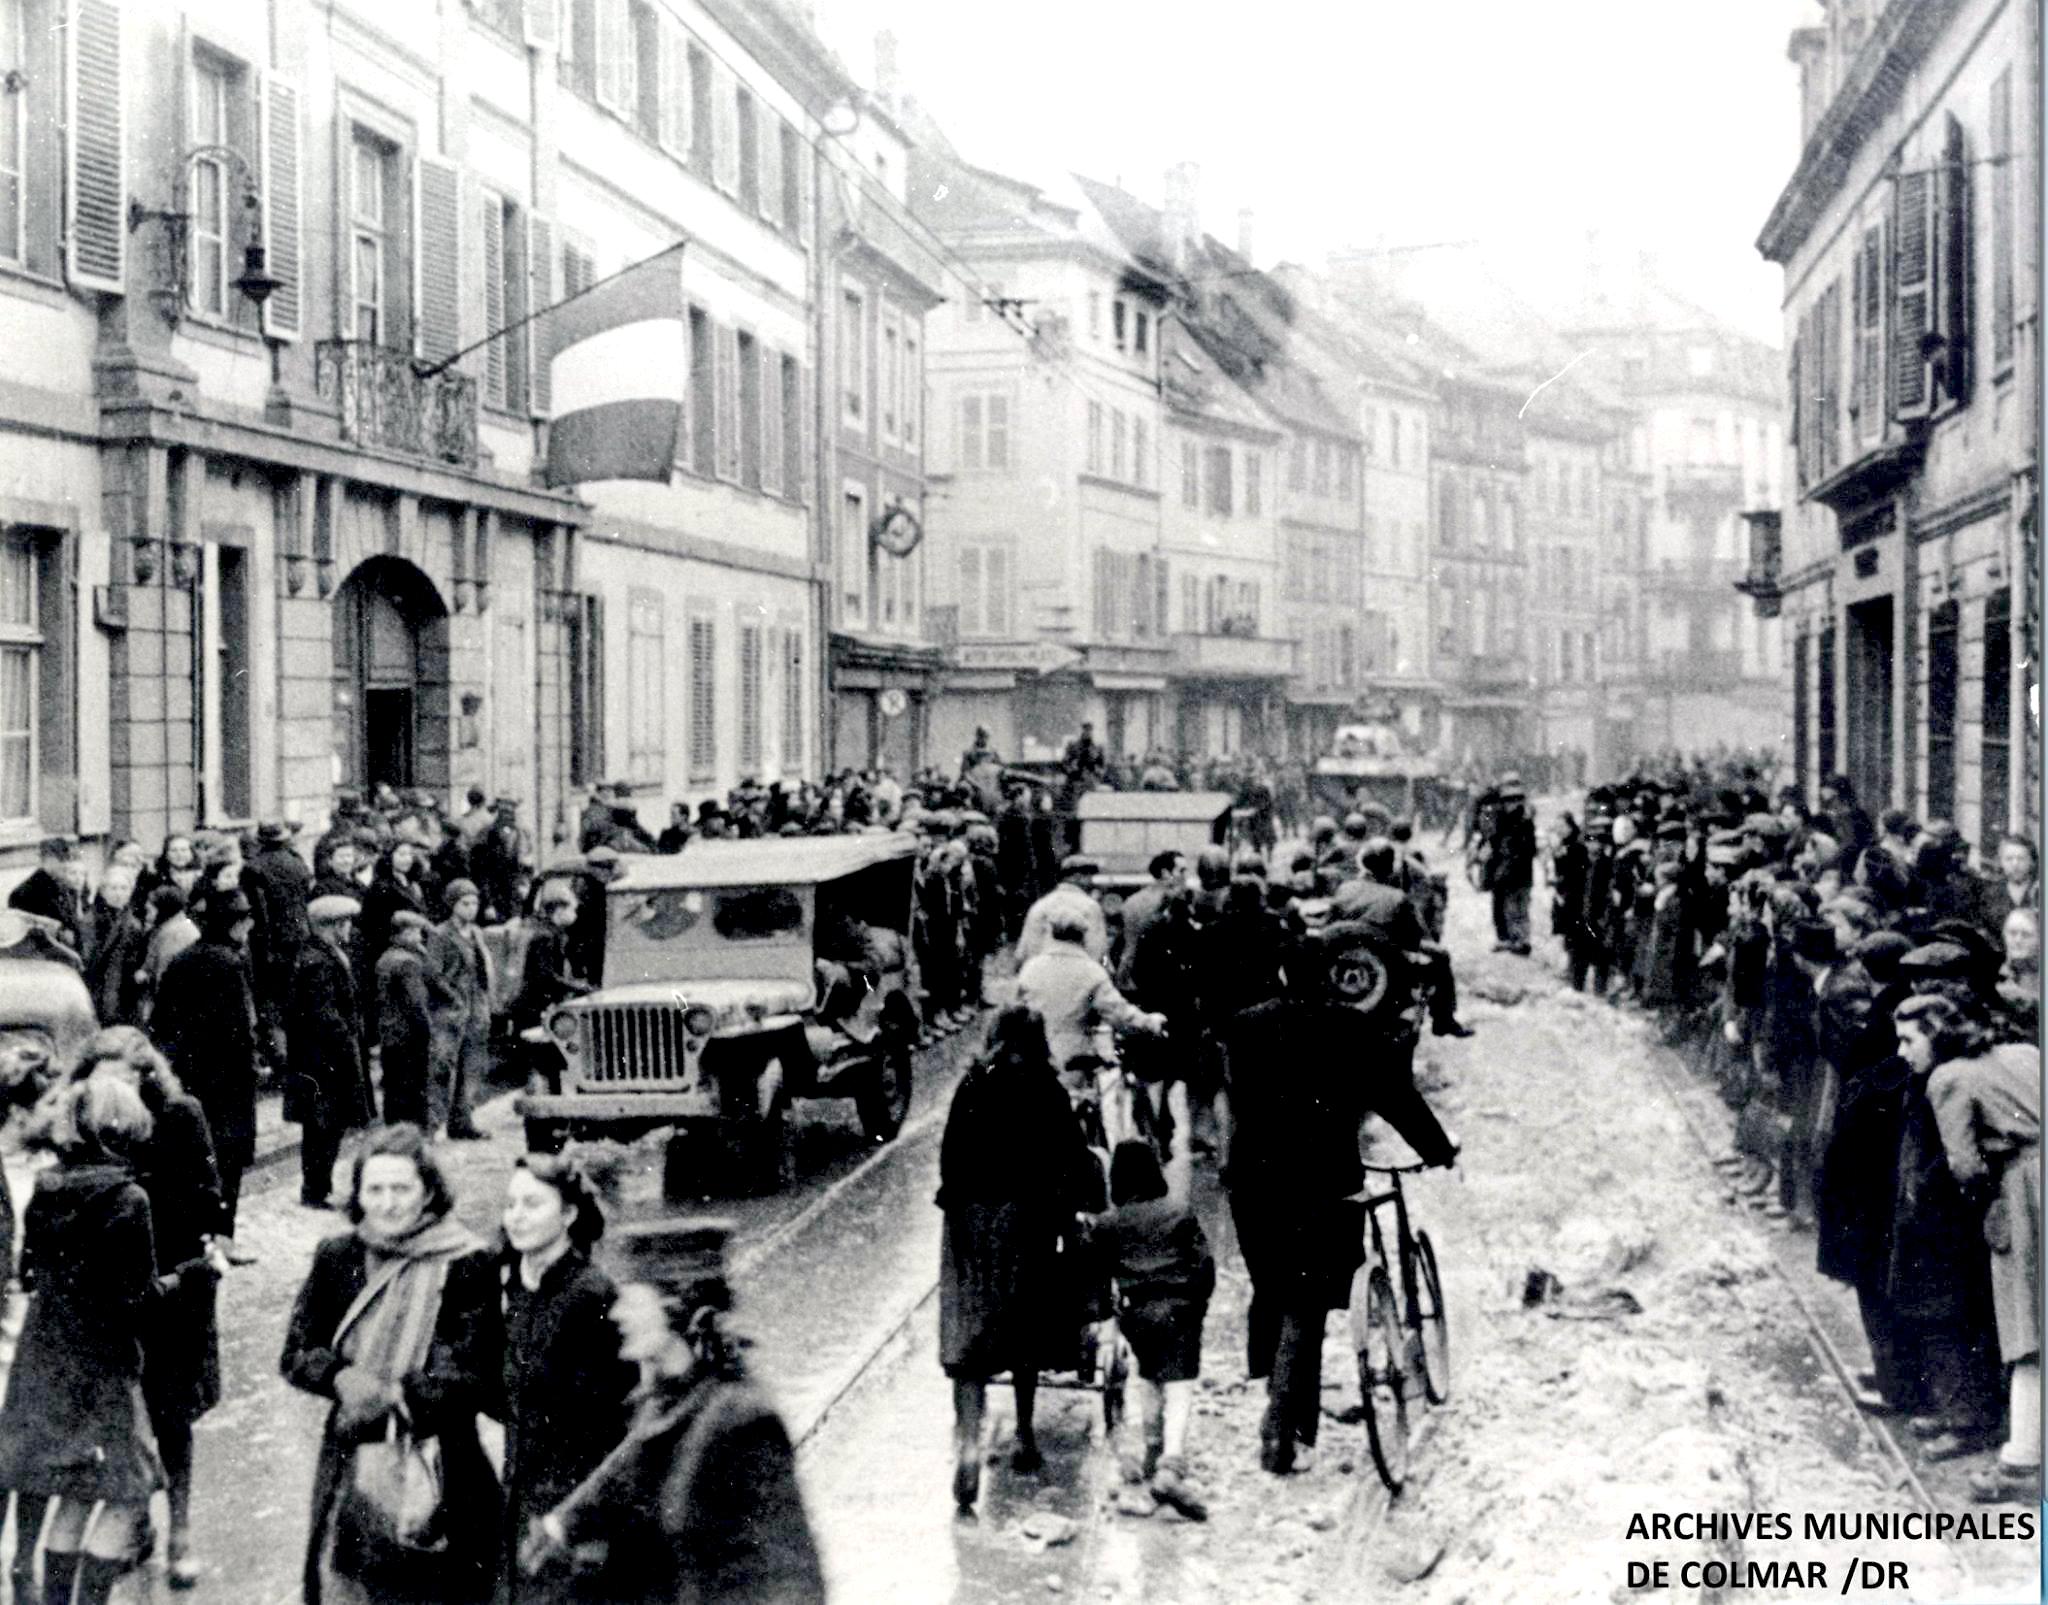 Les archives municipales de Colmar   Ville de Colmar